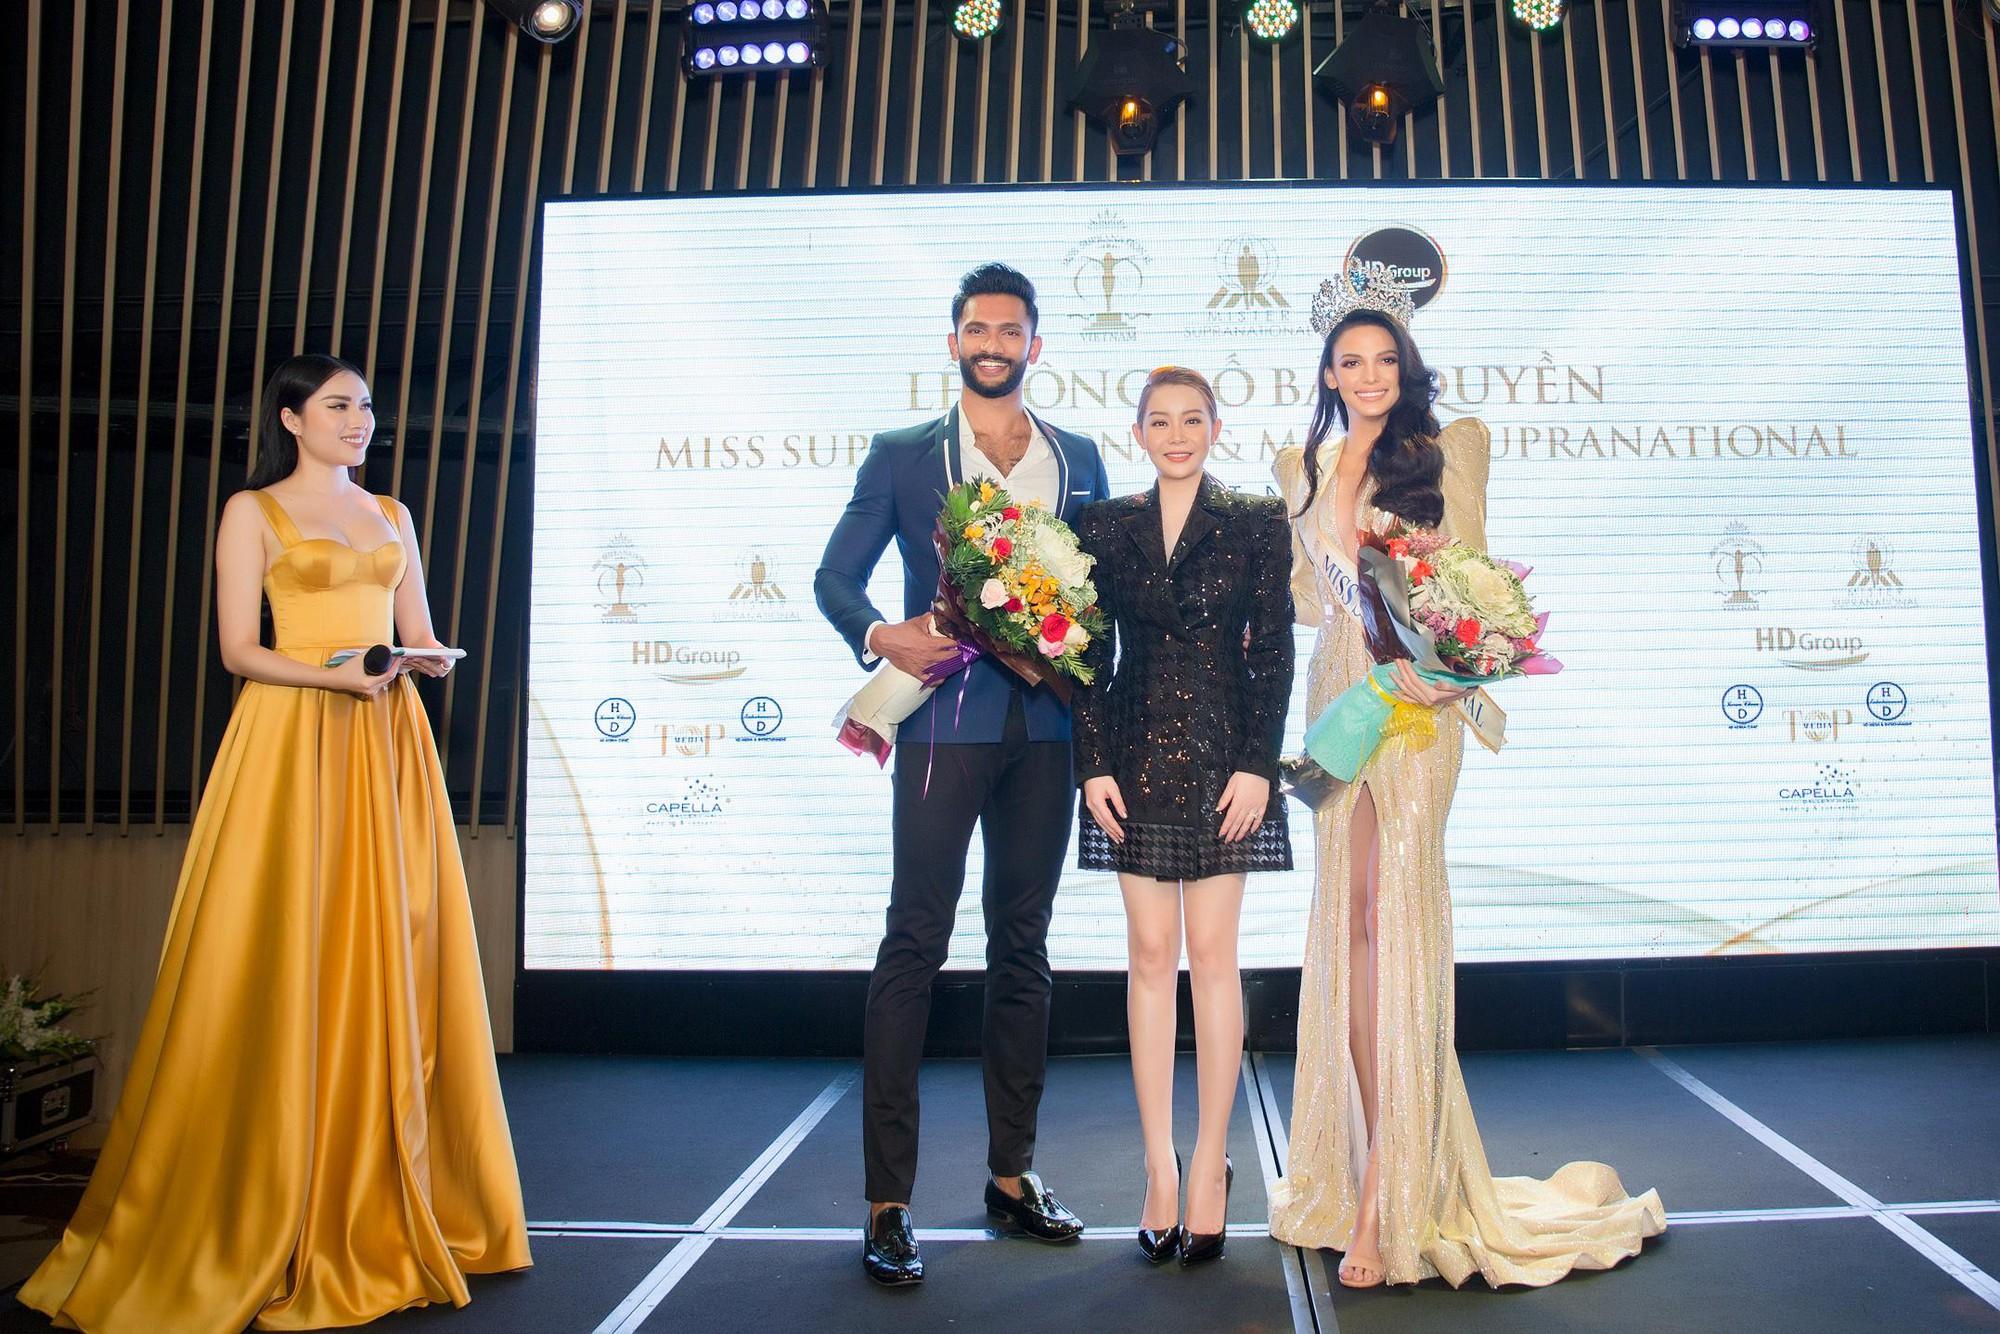 Siêu mẫu Minh Trung được bổ nhiệm làm giám đốc quốc gia Mister Supranational - Ảnh 7.